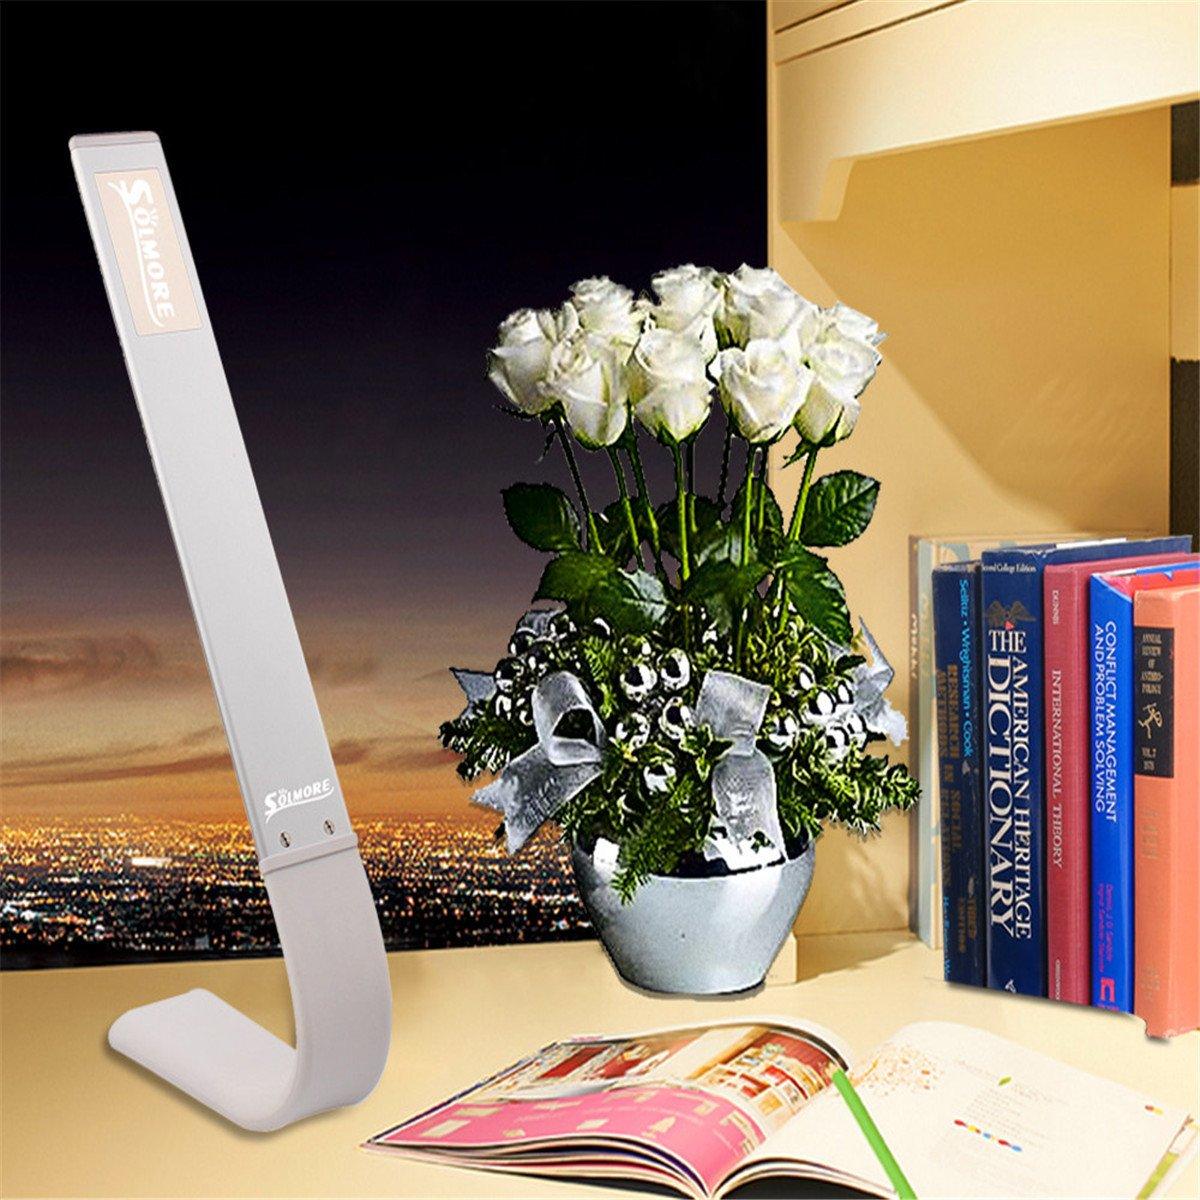 SOLMORE LED Schreibtischlampe Berühren Licht 180 Grad Kreativ Farbtemperatureinstellung Tischleuchte Tageslicht Leseleuchten Hause Büro Reise Lampe